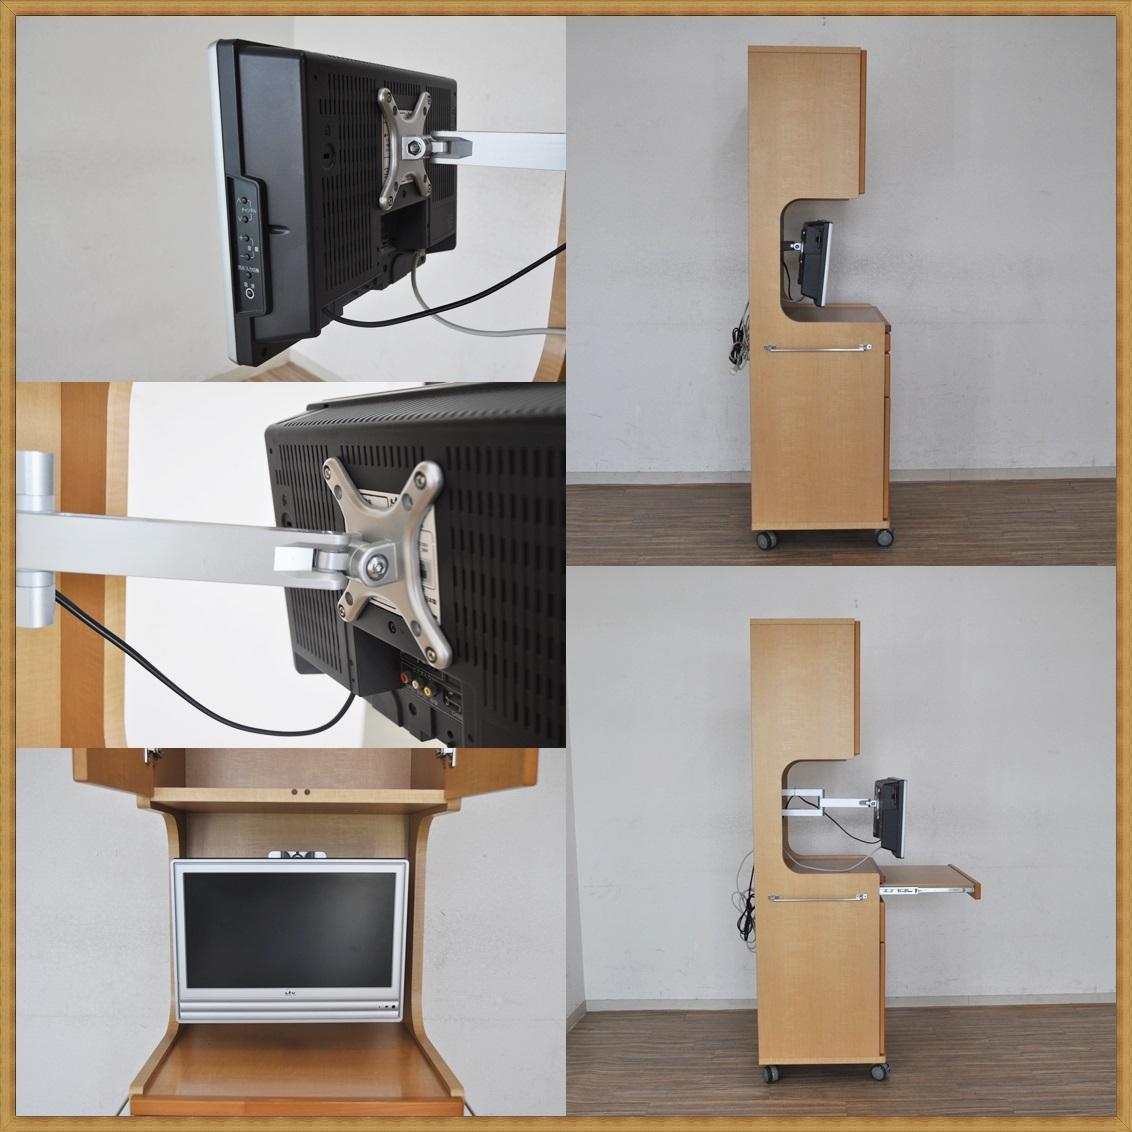 日本製ハイタイプ多機能型床頭台ONKYO LiVデジタルテレビB-CAS・リモコン・可動アーム付き 引出しスライドレール鍵付き収納棚 美完成品_画像6